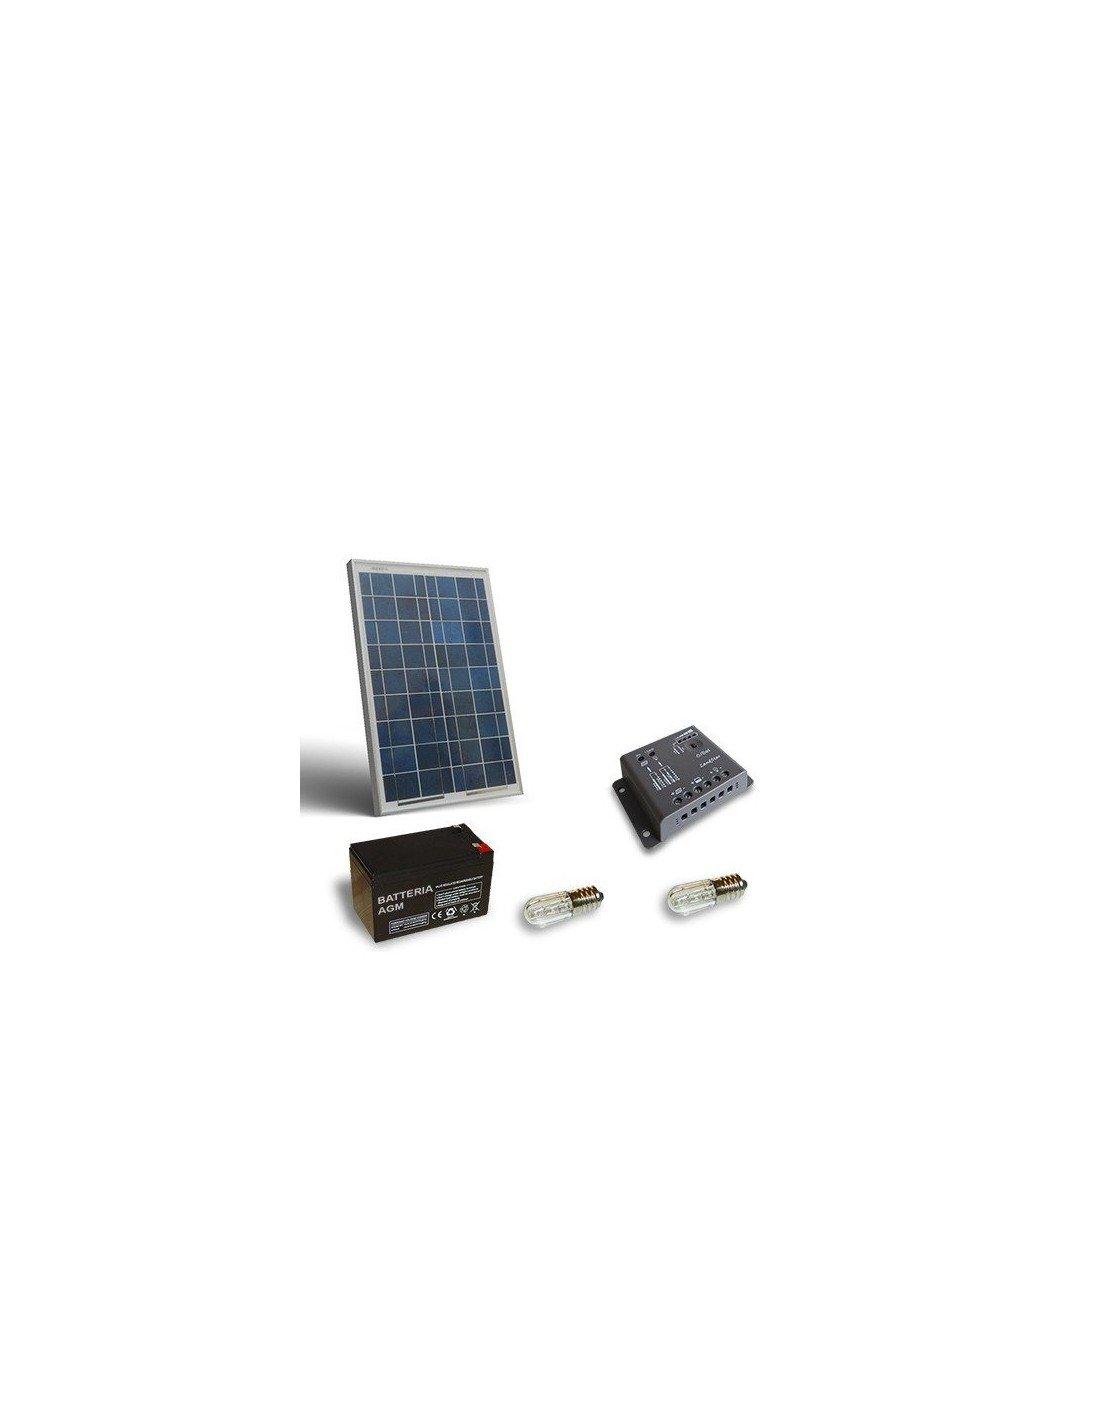 Regolatore Di Carica Pannello Solare : Kit solare votivo w pannello fotovoltaico batteria ah